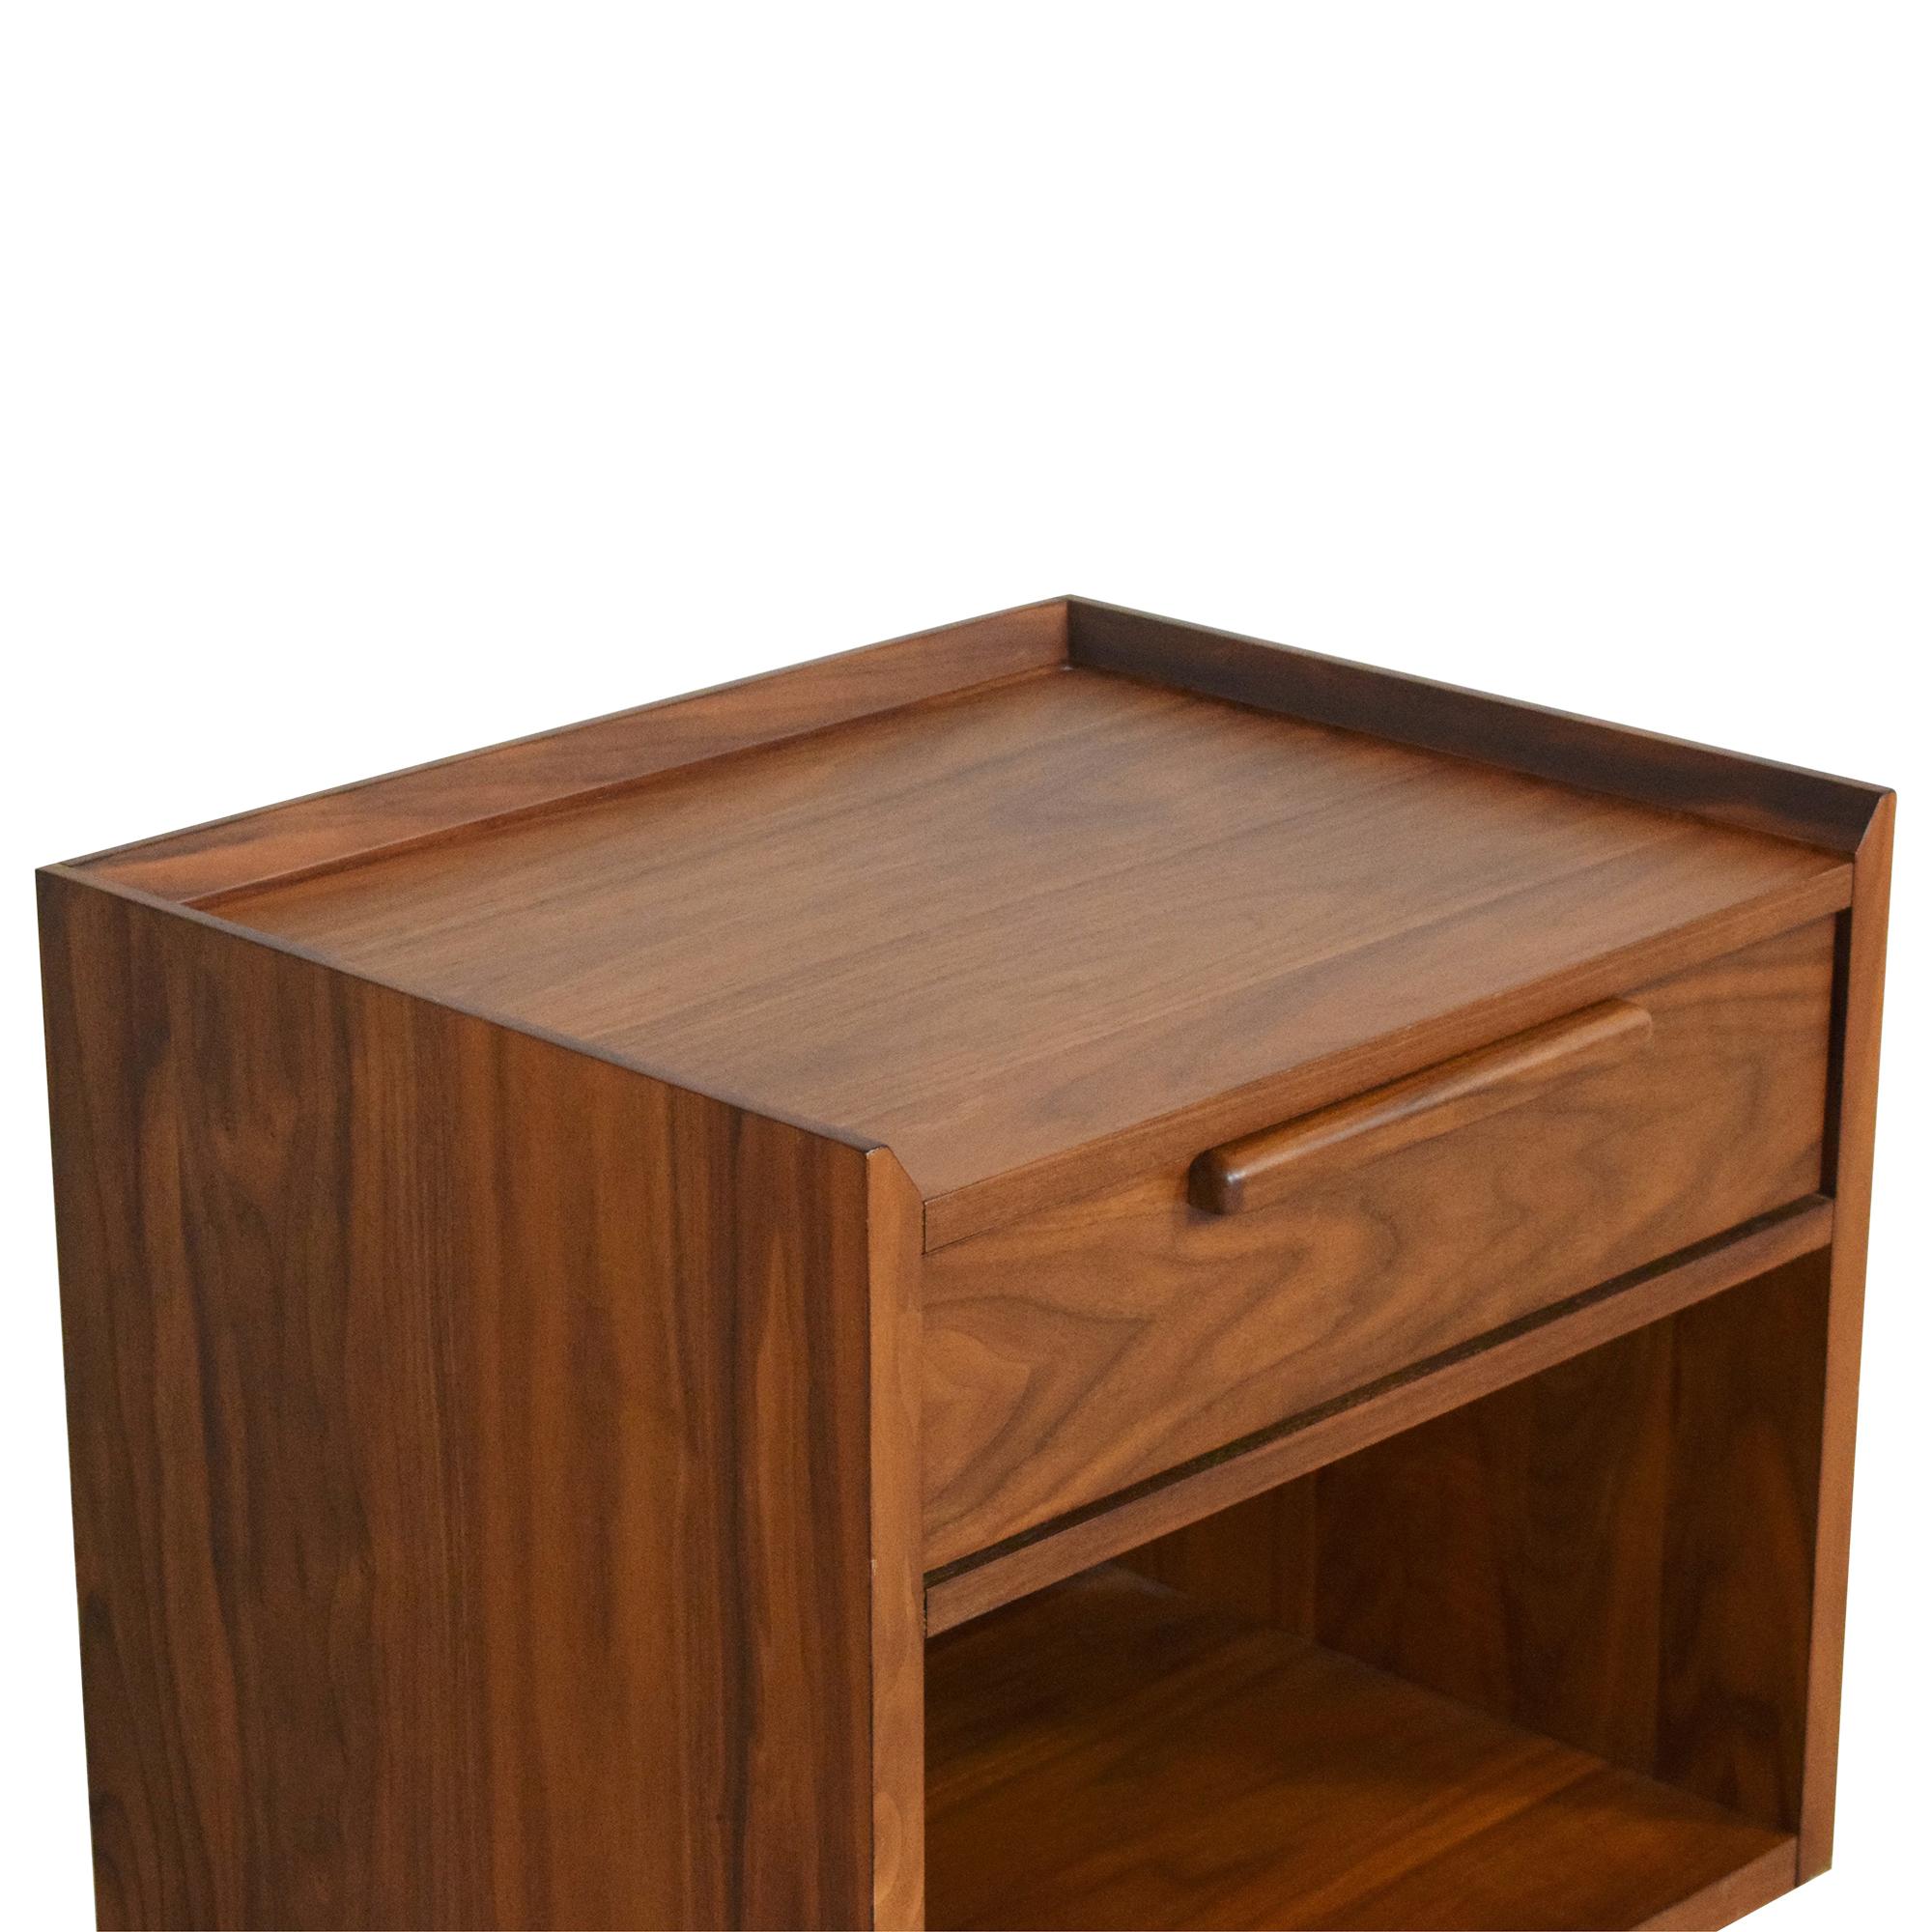 shop Crate & Barrel Tate End Table Crate & Barrel